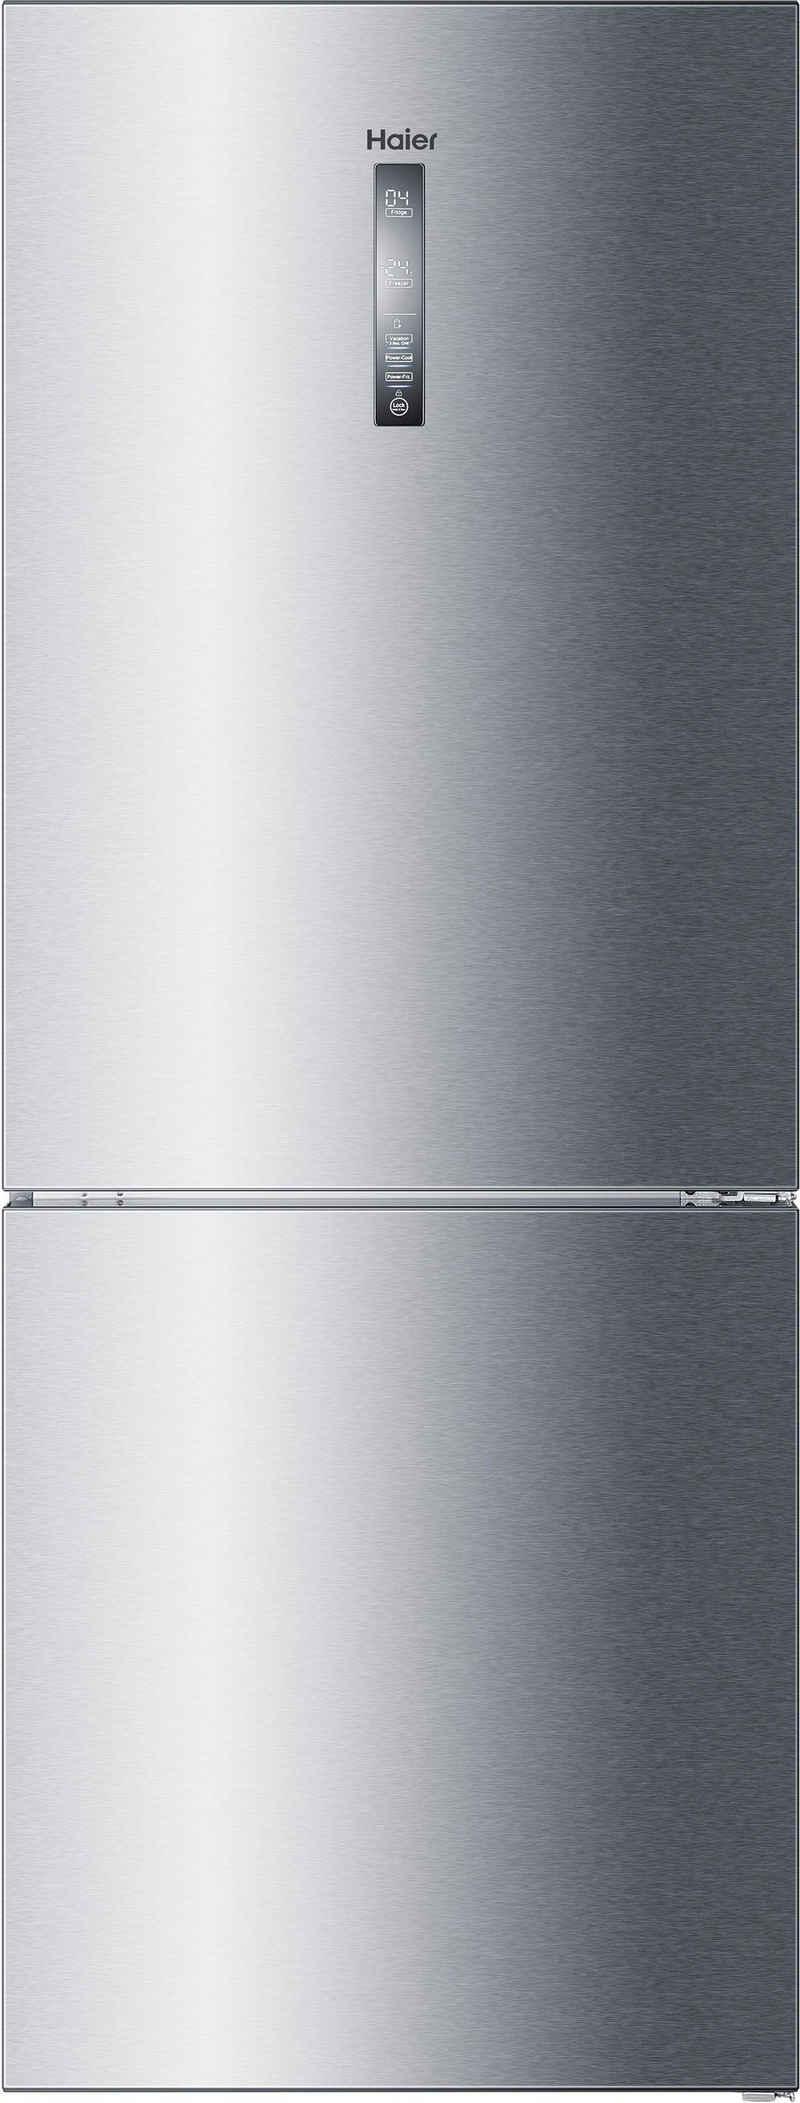 Haier Kühl-/Gefrierkombination, 190,5 cm hoch, 70 cm breit